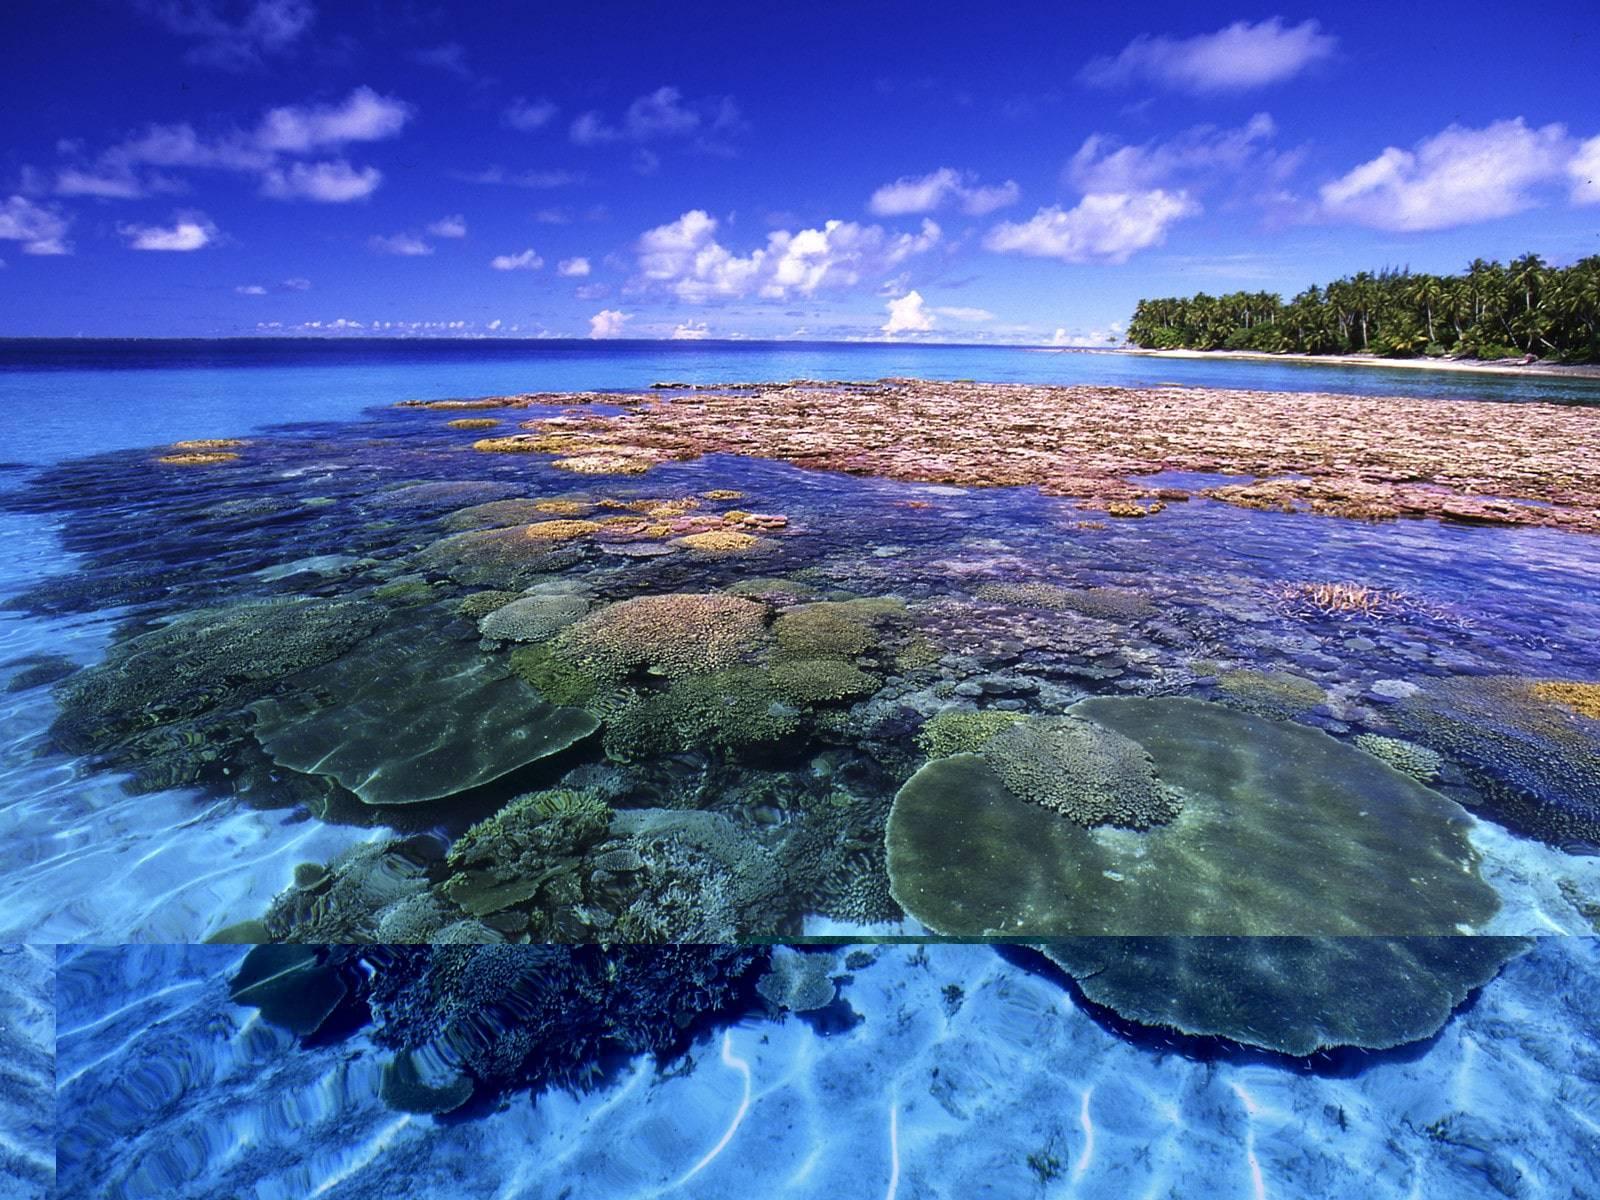 Investigación demuestra que islas Marshall tienen altos índices de radiación